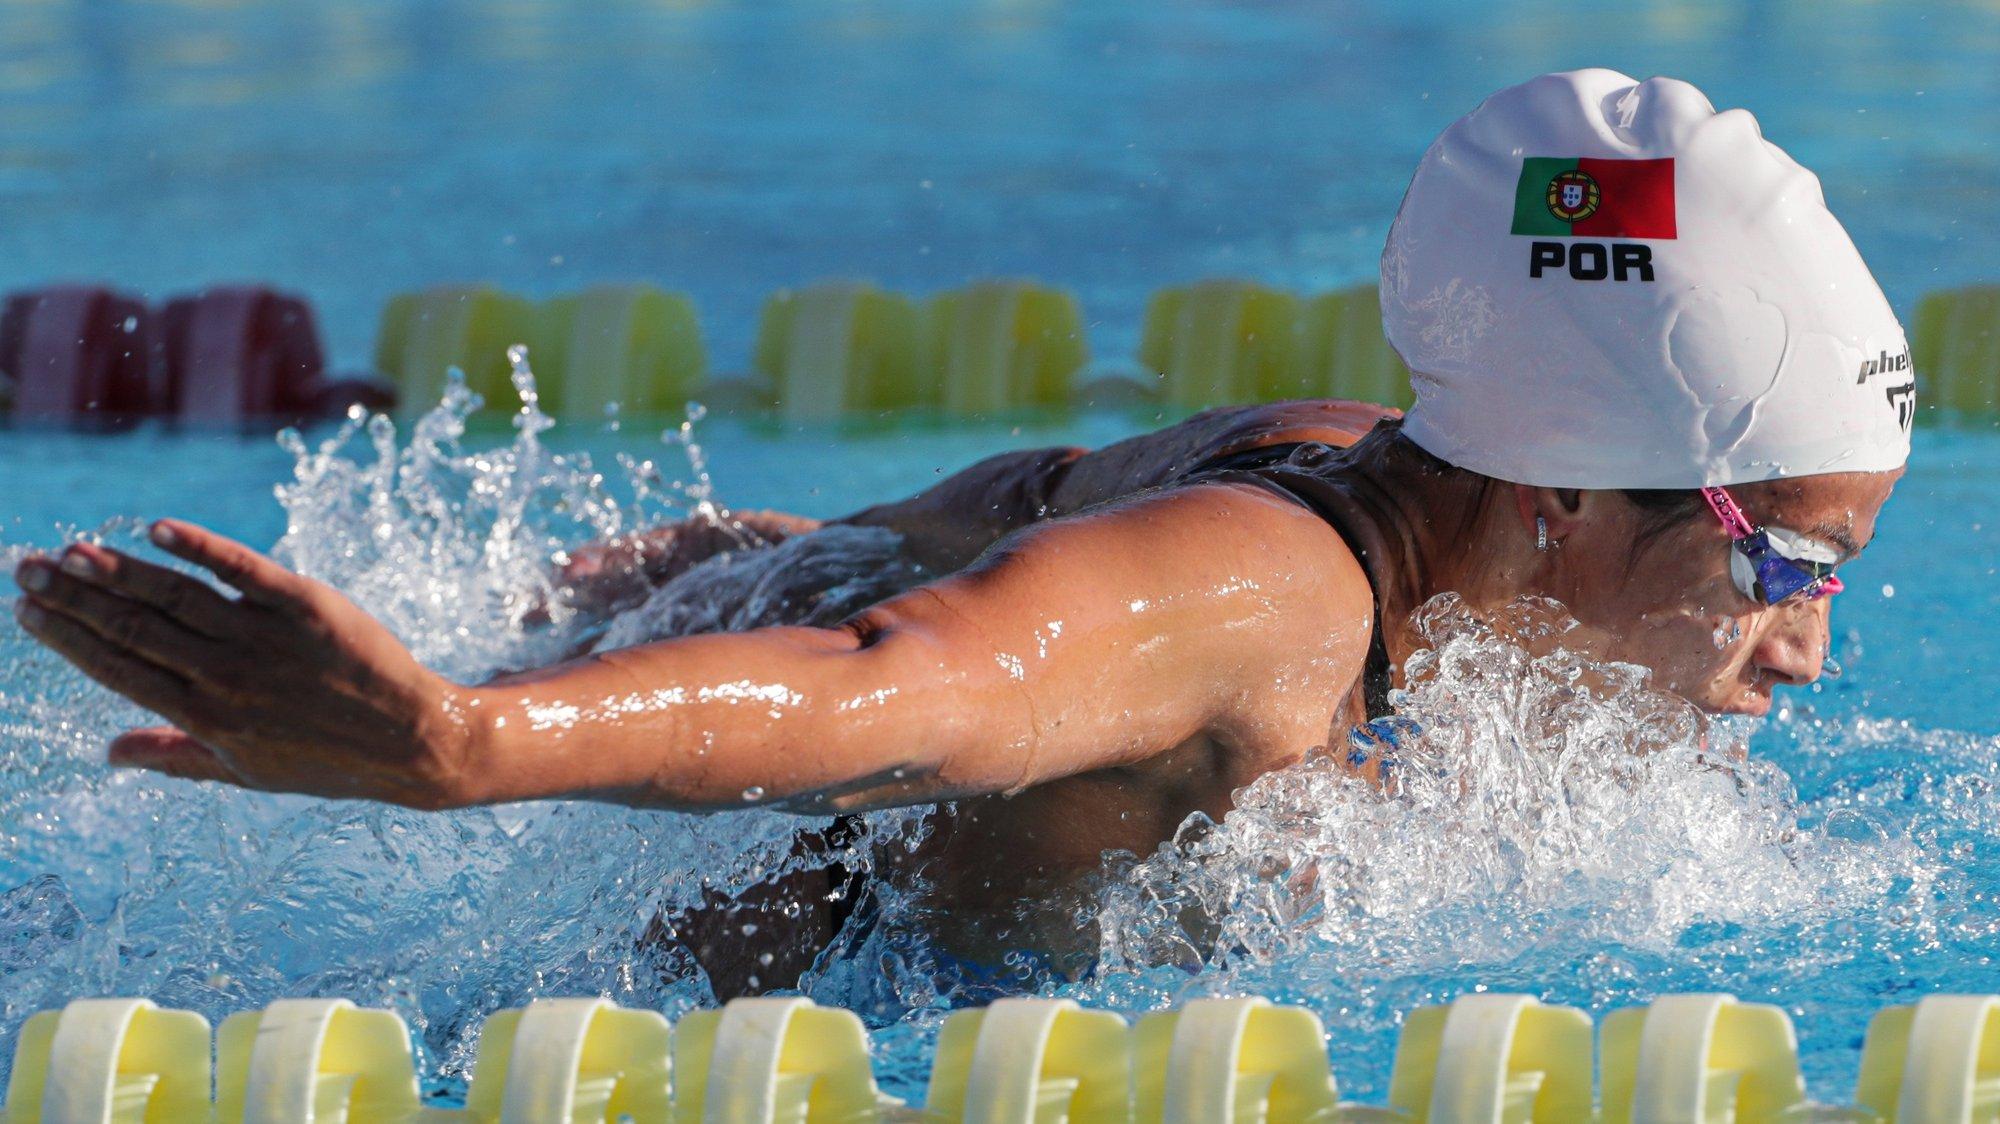 A atleta Portuguesa, Ana Catarina Monteiro, em ação nos 200 m mariposa durante o Open de Natação Pura Loulé 2020, nas piscinas municipais de Loulé, Faro, 14 de agosto de 2020. O Open de Loulé 2020 realiza-se entre os dias 14 e 16 de agosto e conta com a participação de seleções olímpicas de Espanha, Brasil e Portugal. LUÍS FORRA / LUSA